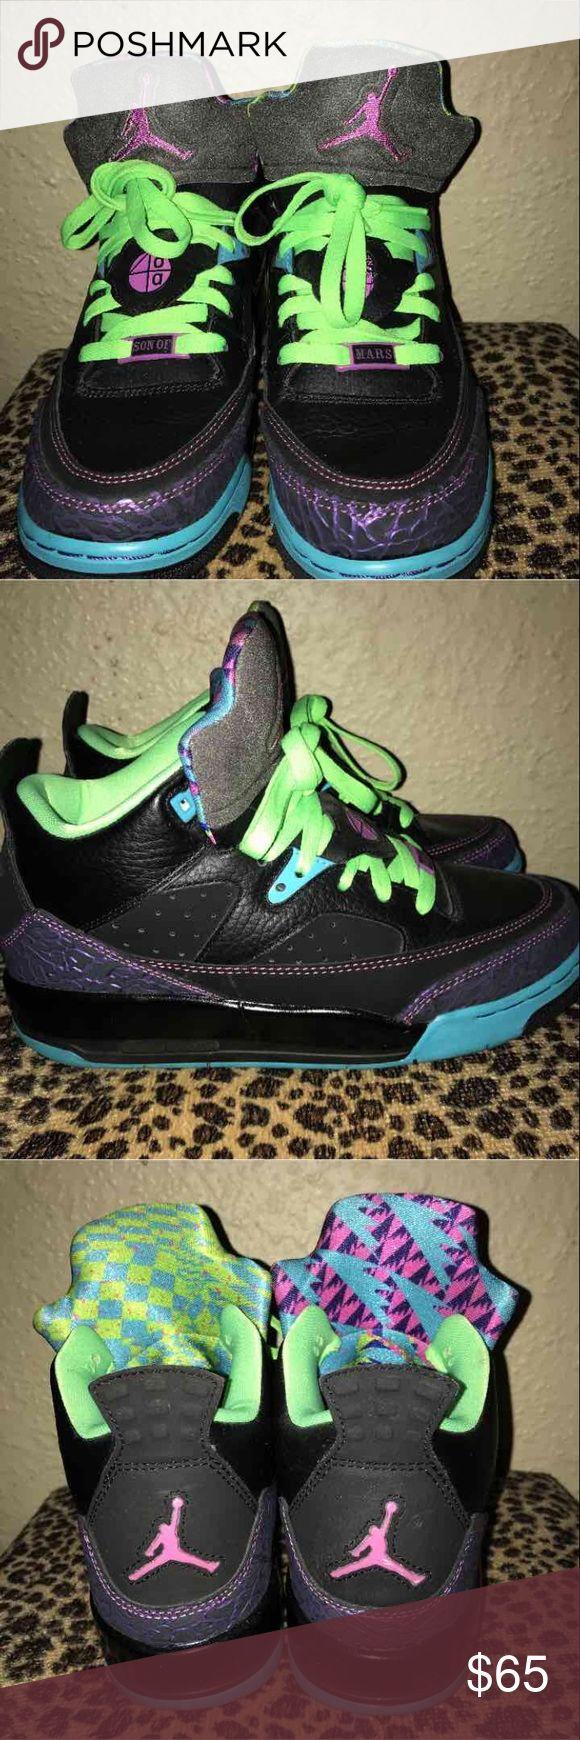 OBO retro Jordan's Pink green purple real Jordan's , light wear Air Jordan Shoes Sneakers